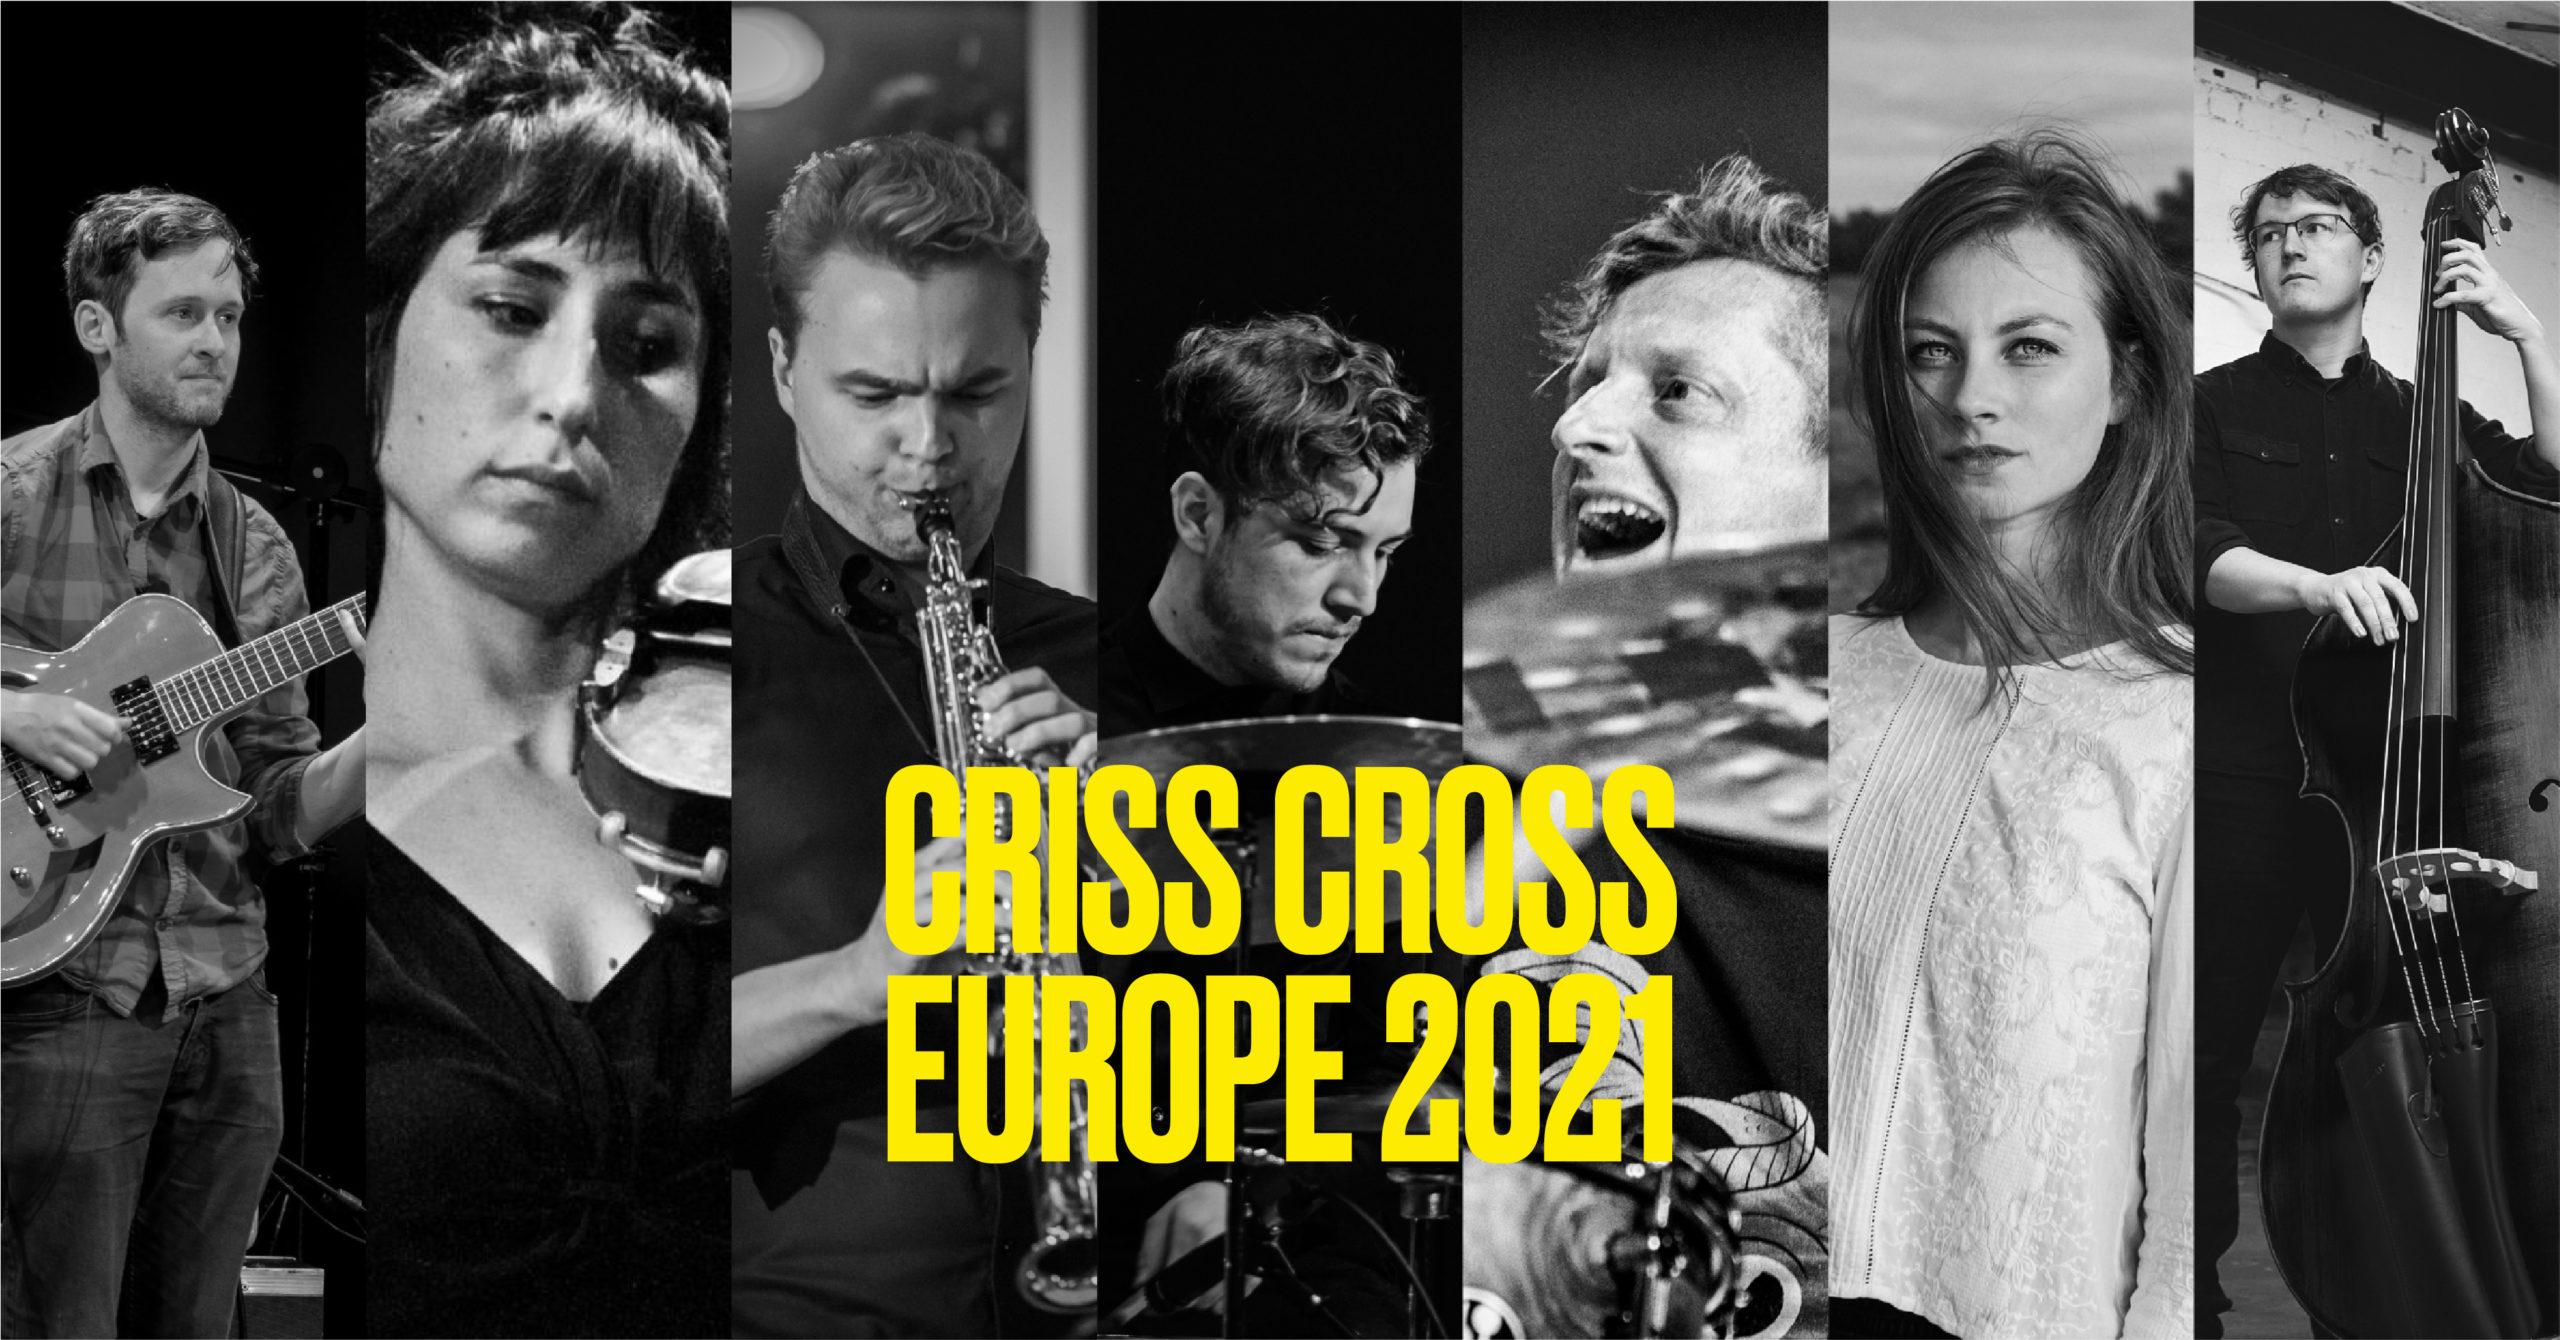 Criss Cross Europe – a pan-European project